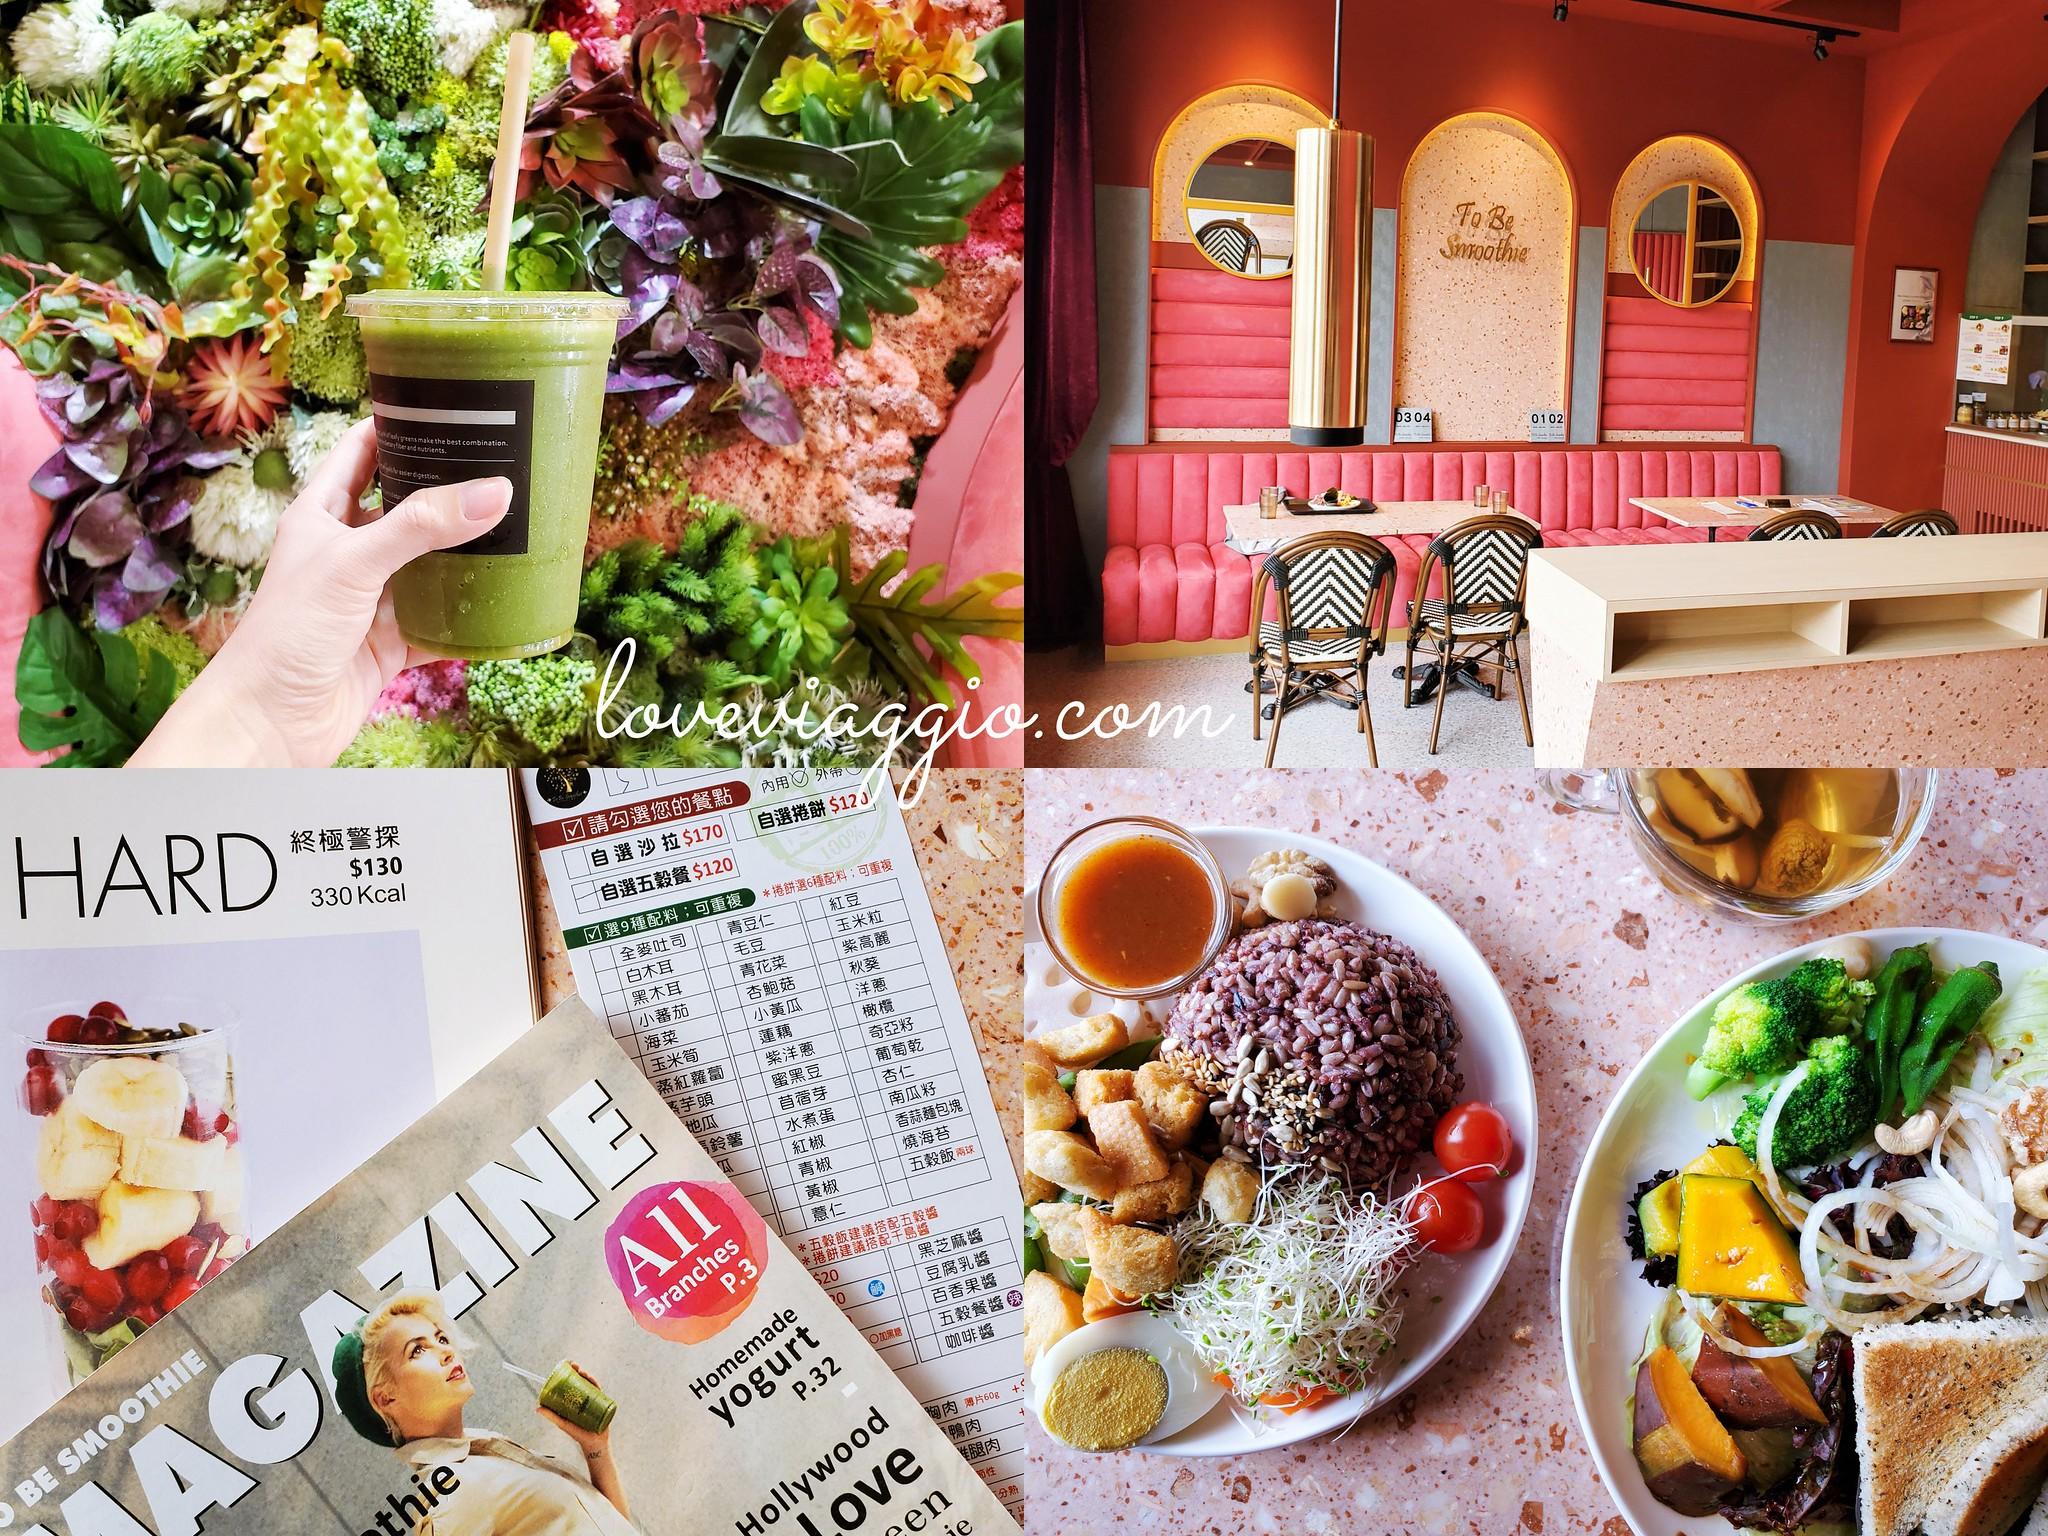 高雄鳳山早午餐系列 |14 間假日睡飽飽的悠閒早午餐時光 @薇樂莉 Love Viaggio | 旅行.生活.攝影